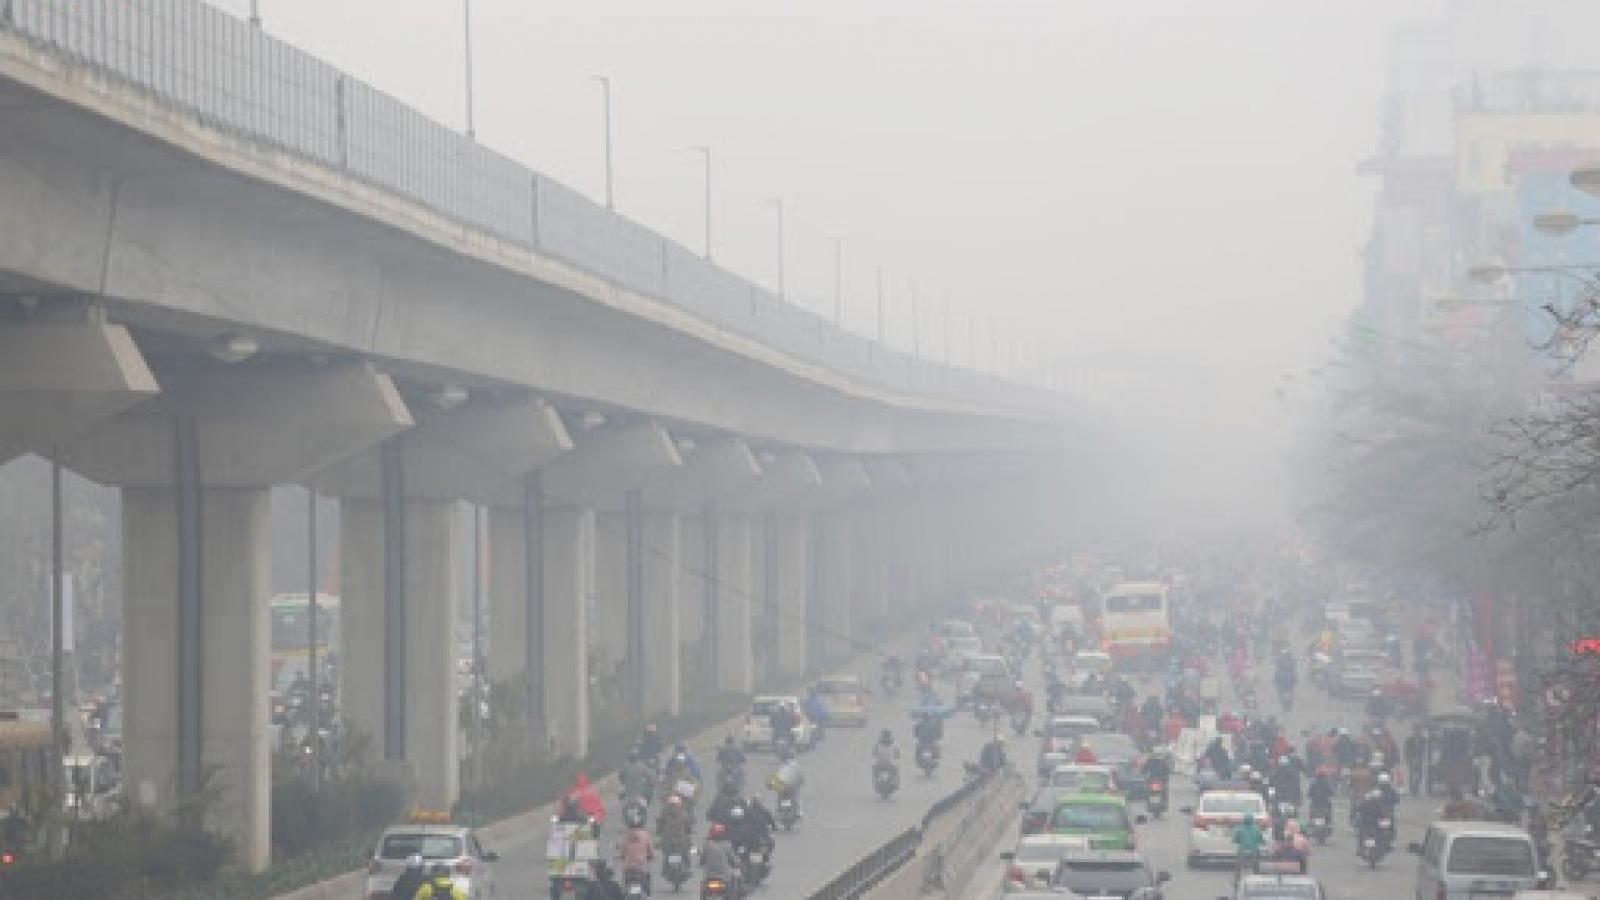 Kiểm soát khí thải phương tiện giao thông thuộc về Bộ TN&MT?